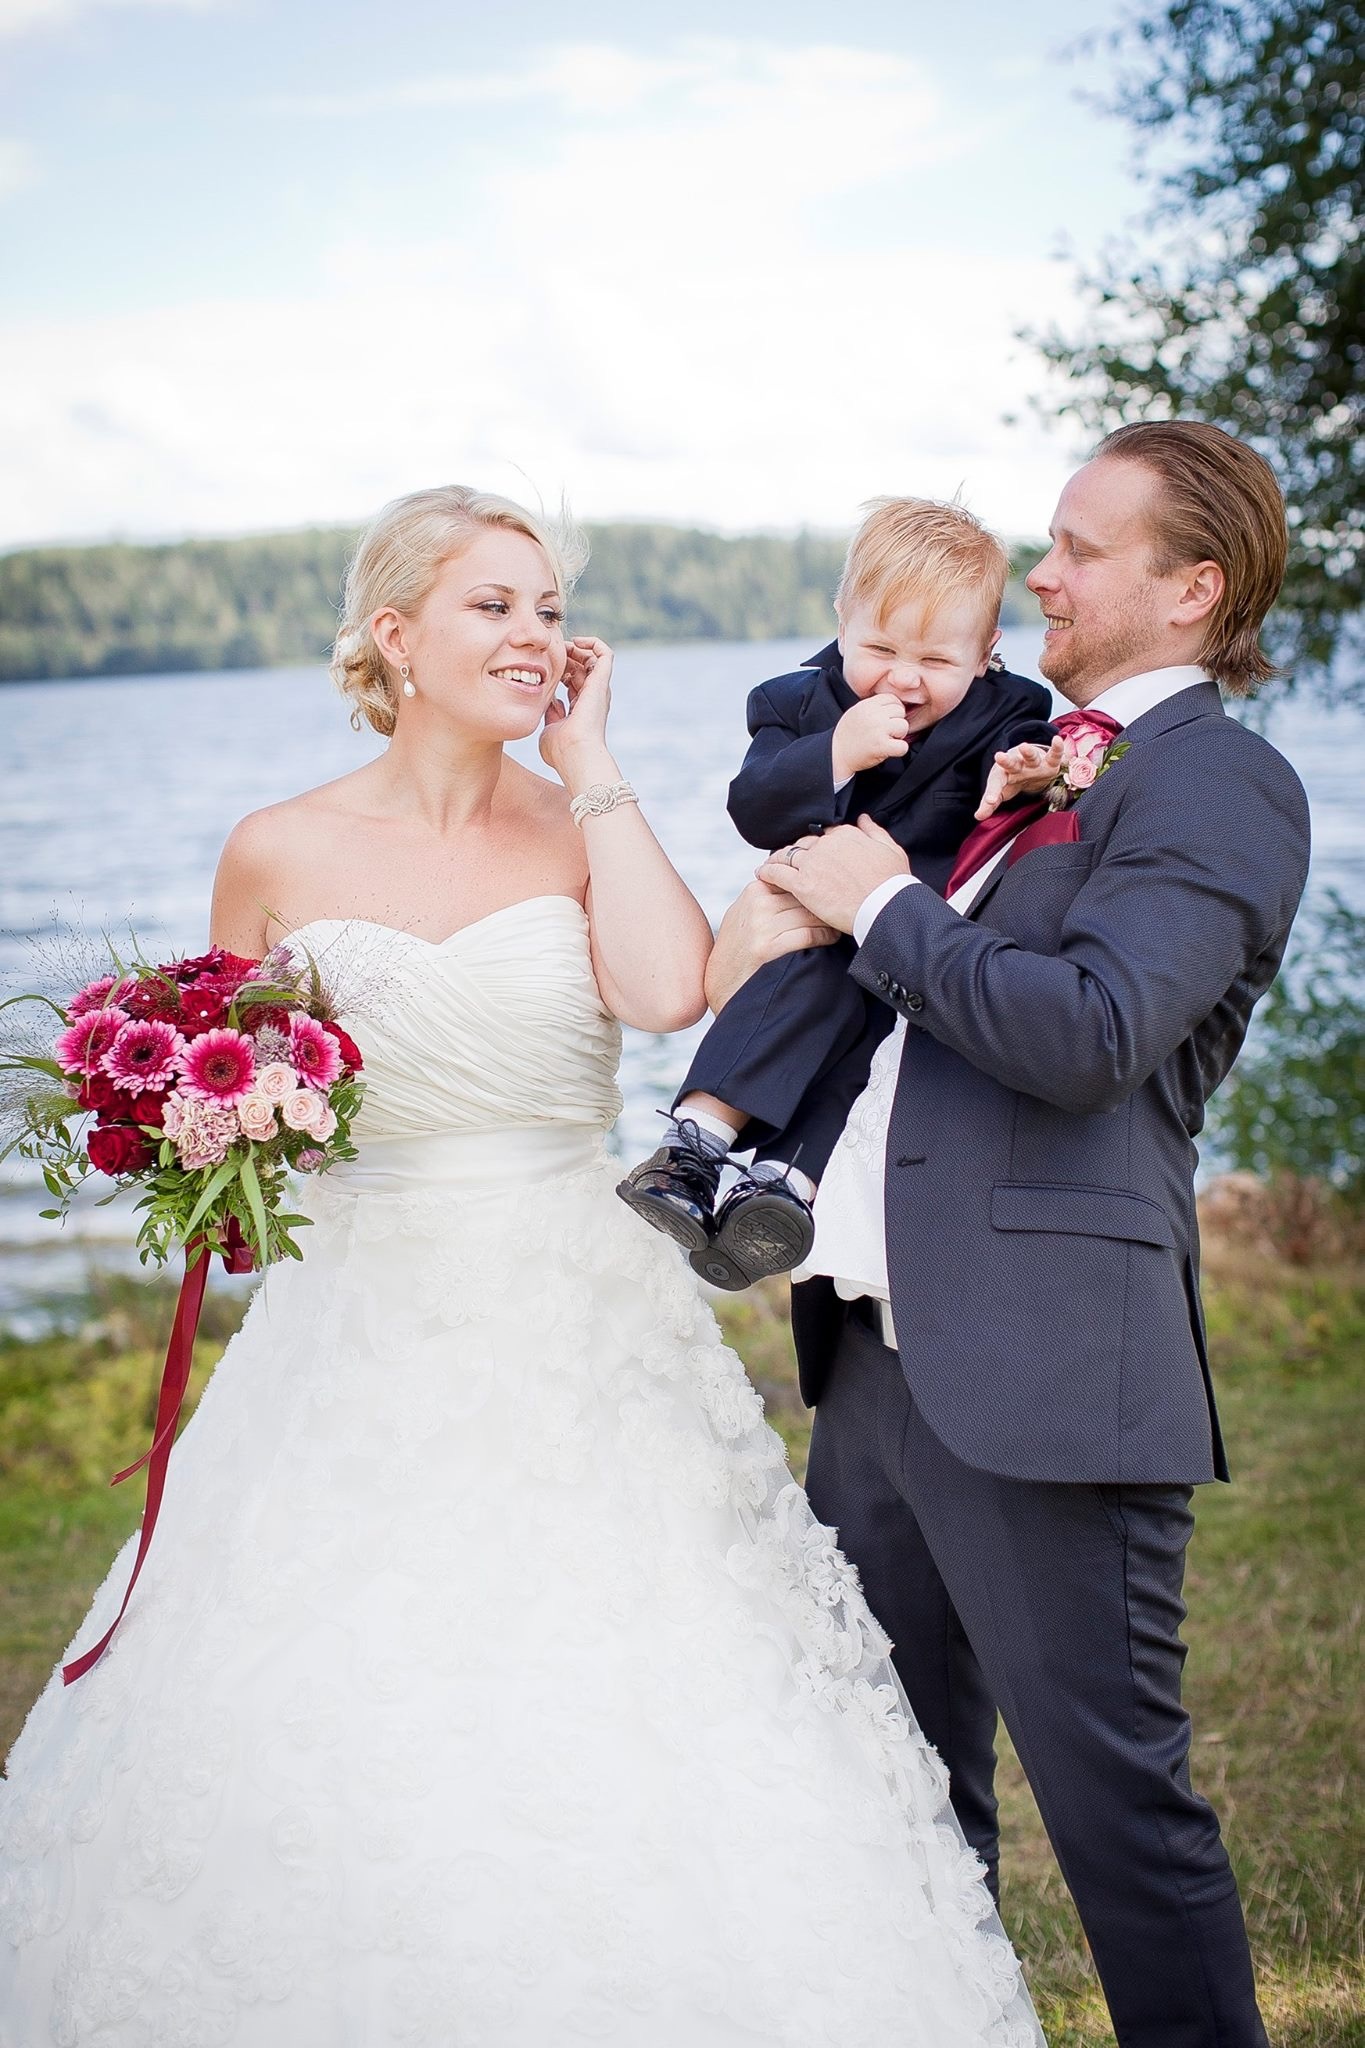 b9eaed28b588 KATEGORI: Brudklänning stl 42 PRIS: 3000:- VARAN FINNS I: Stockholm